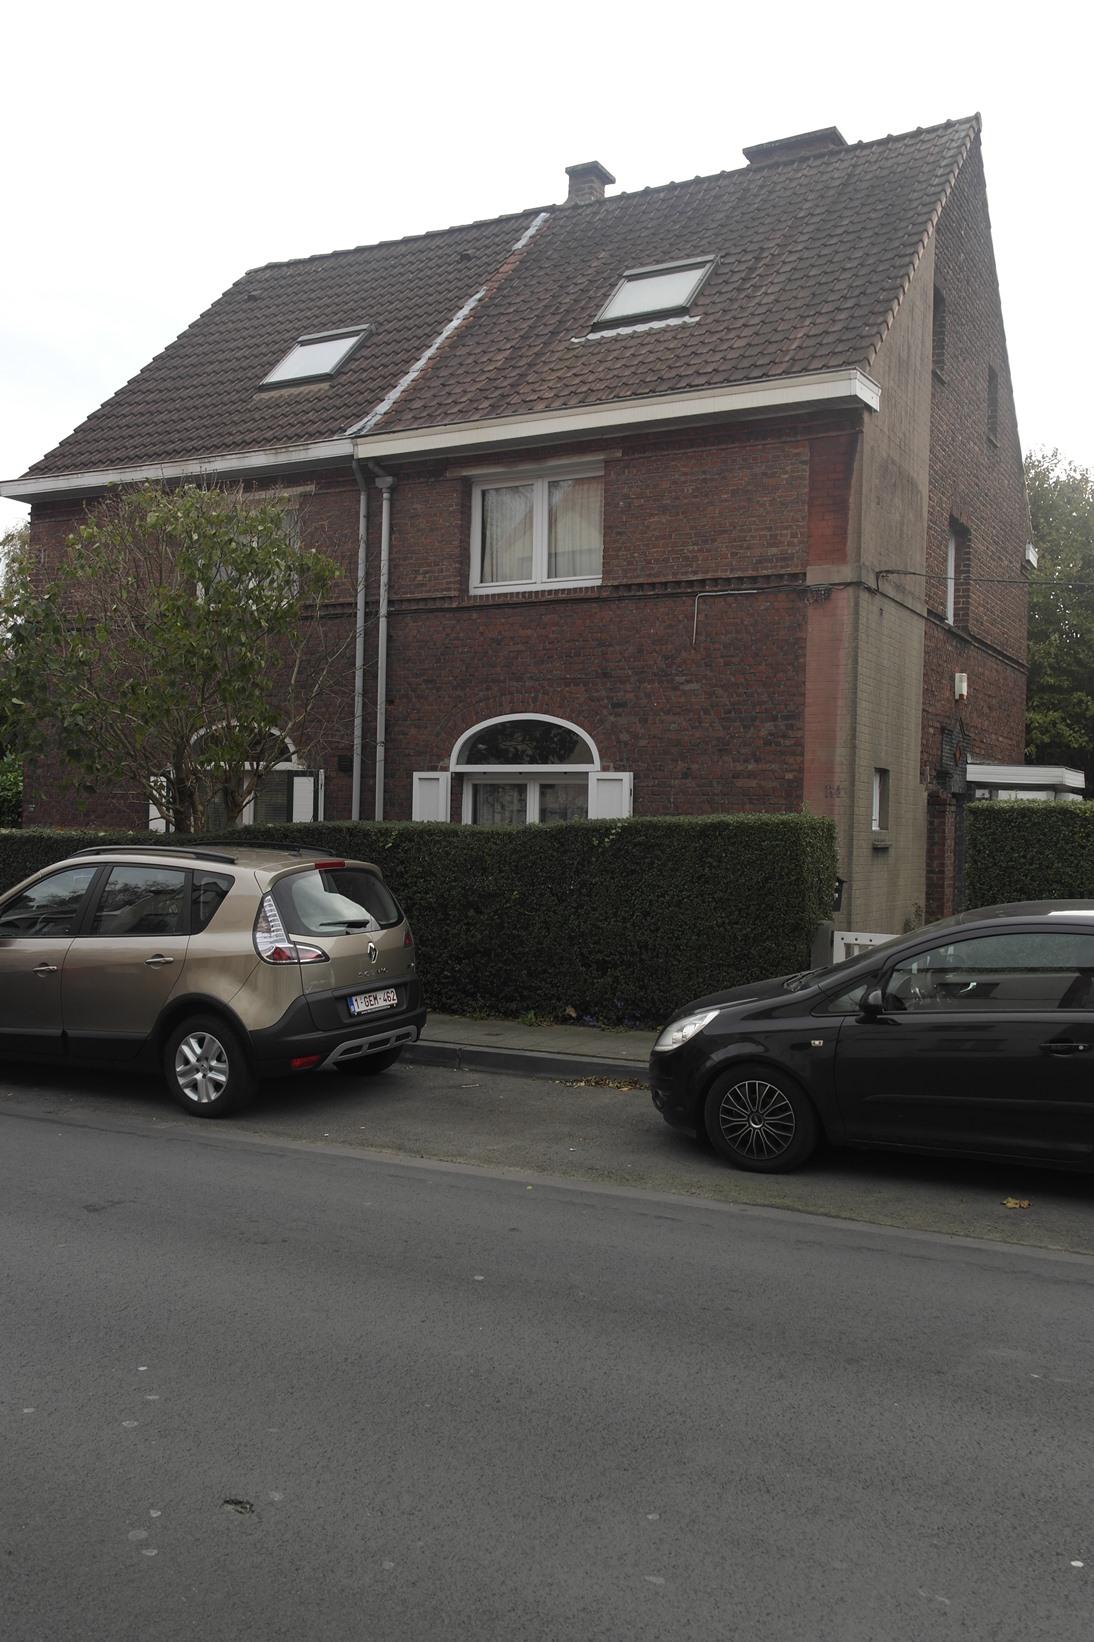 Tuinwijk Het Heideken. de Rivierendreef 134 en 136, 2014